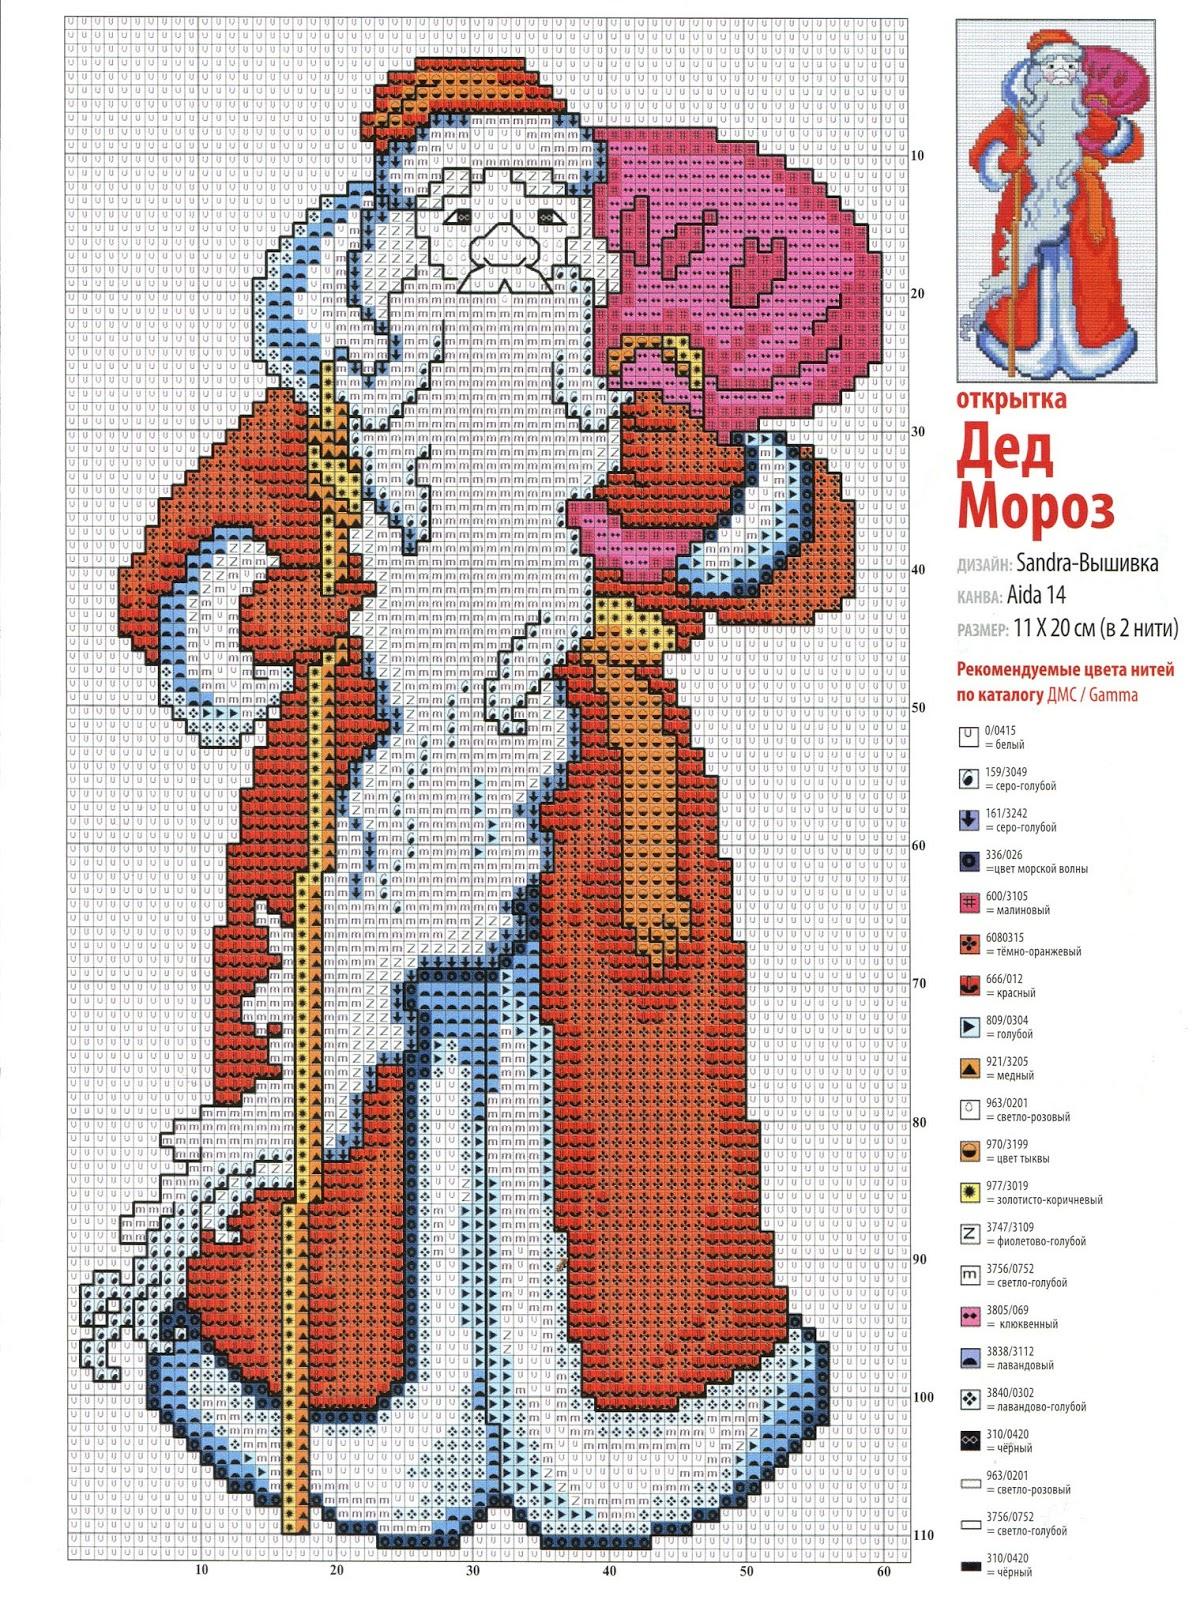 Вышивка крестом картин с изображением Деда Мороза 3